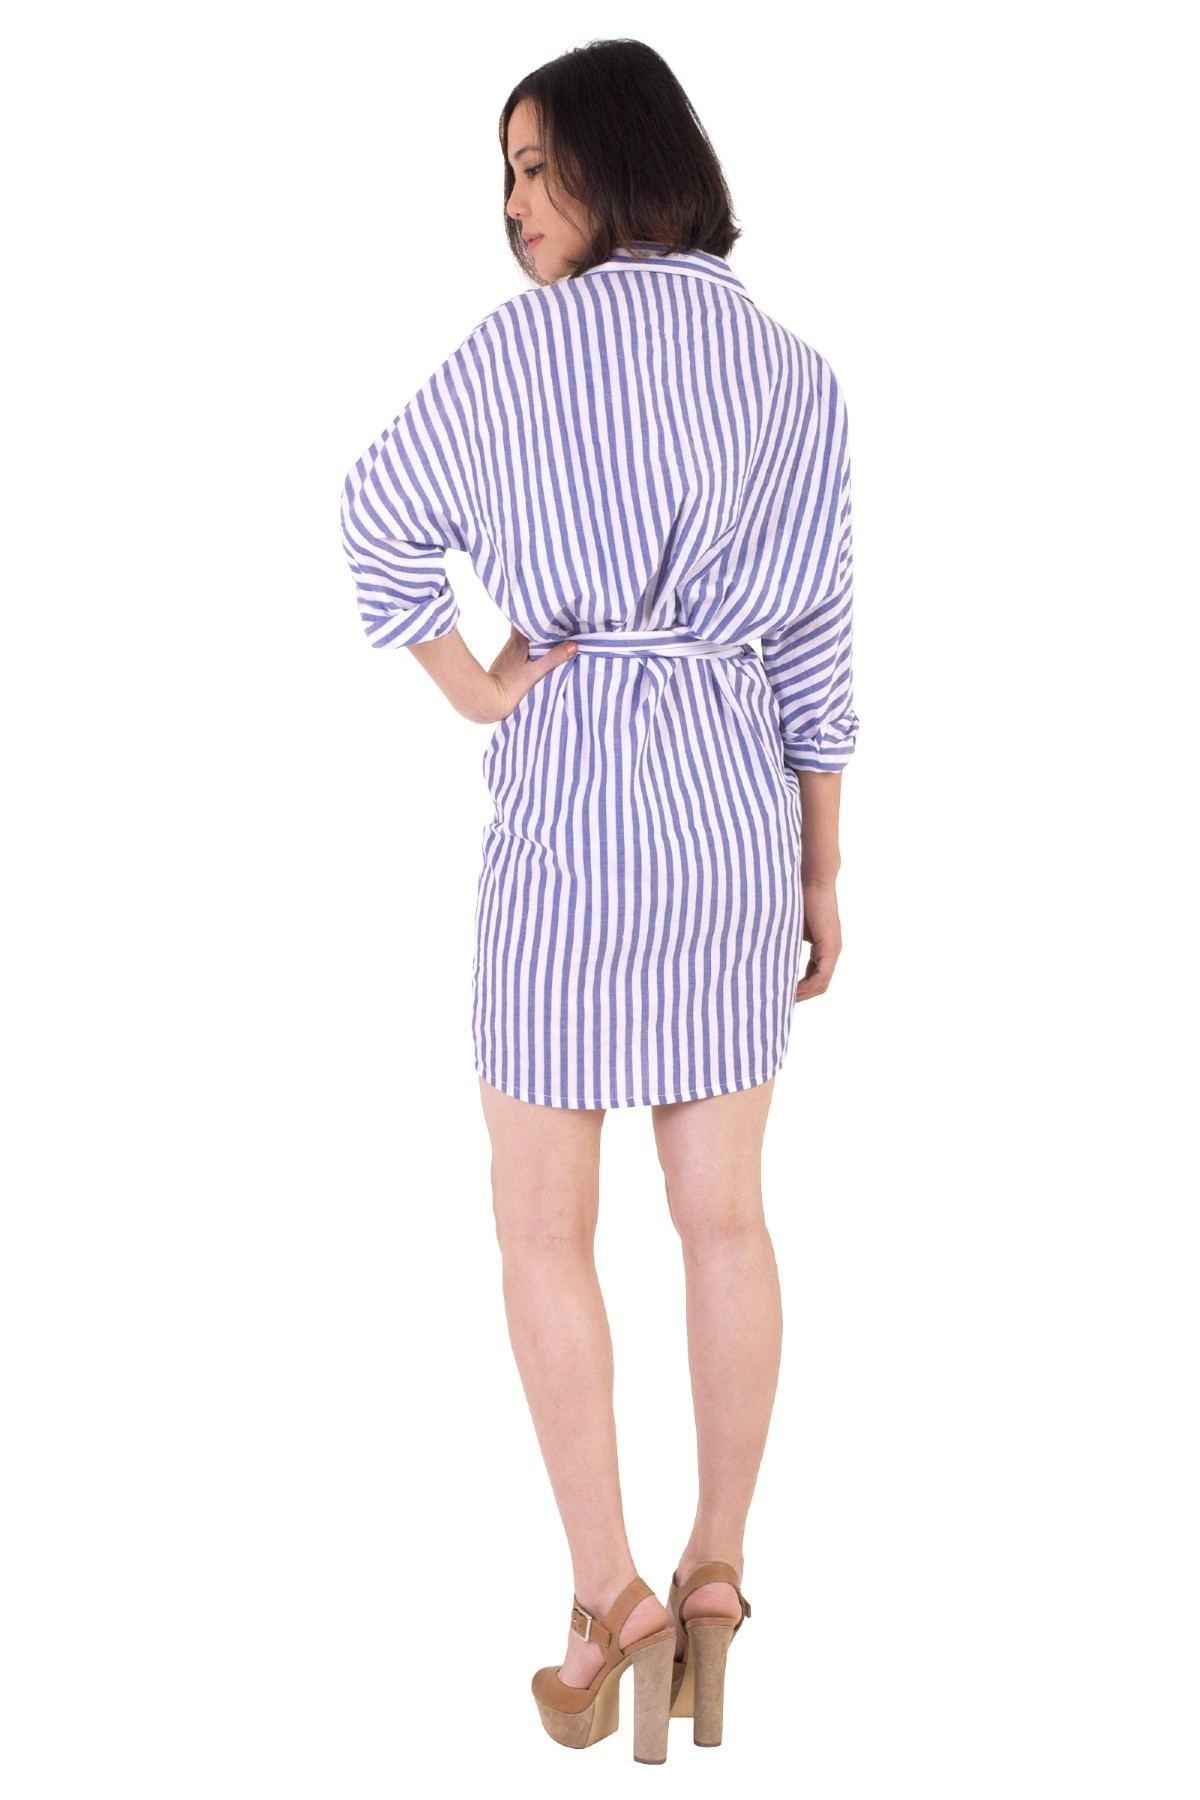 Designer Diane Von Furstenberg poses wearing one of her signature wrap dresses